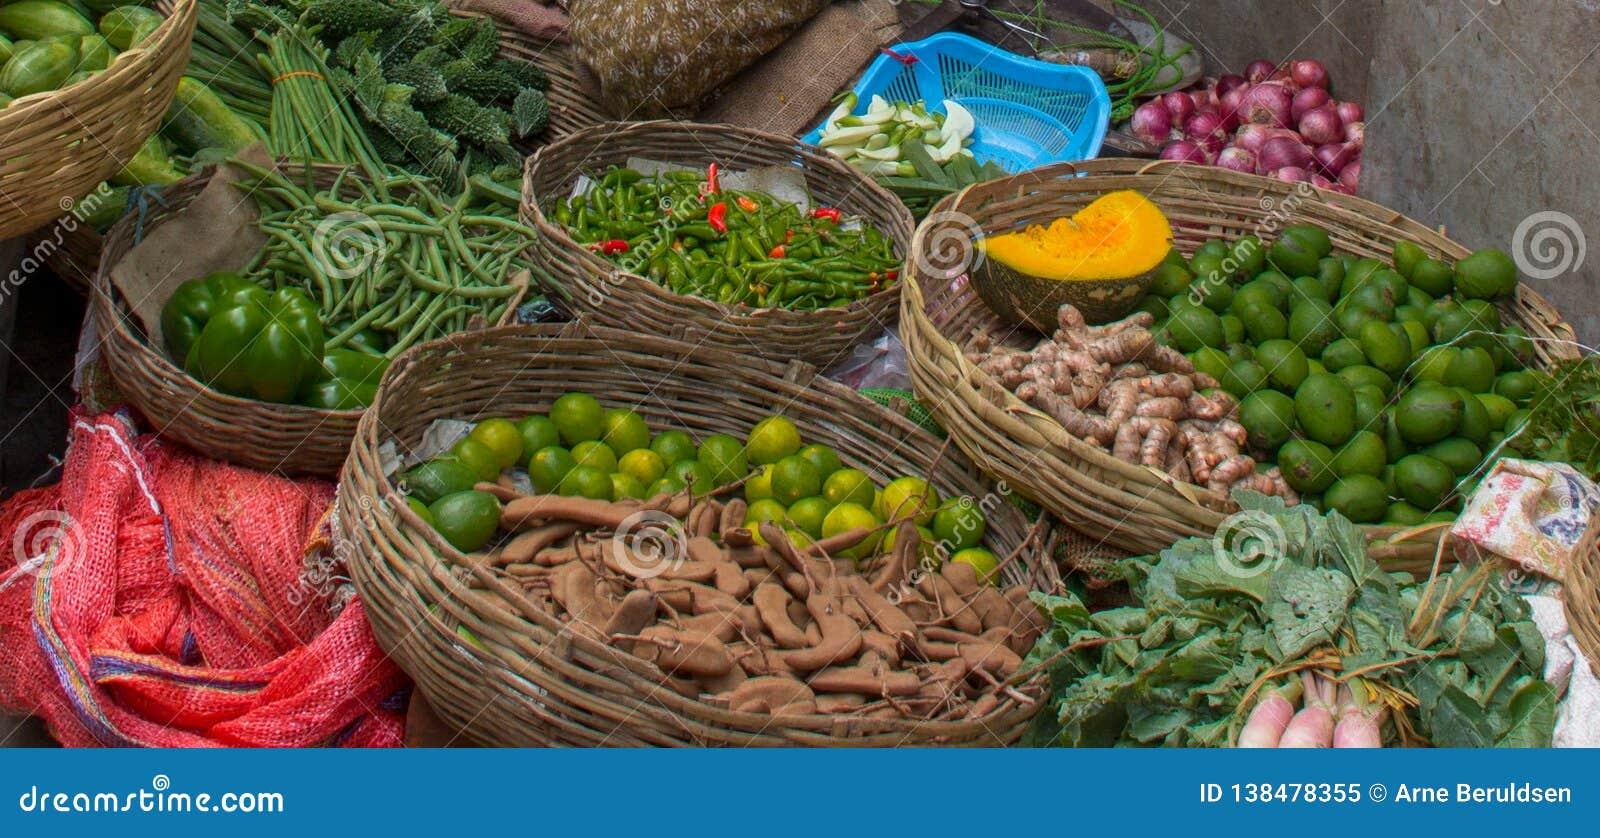 Obst- und GemüseMarkt in Indien